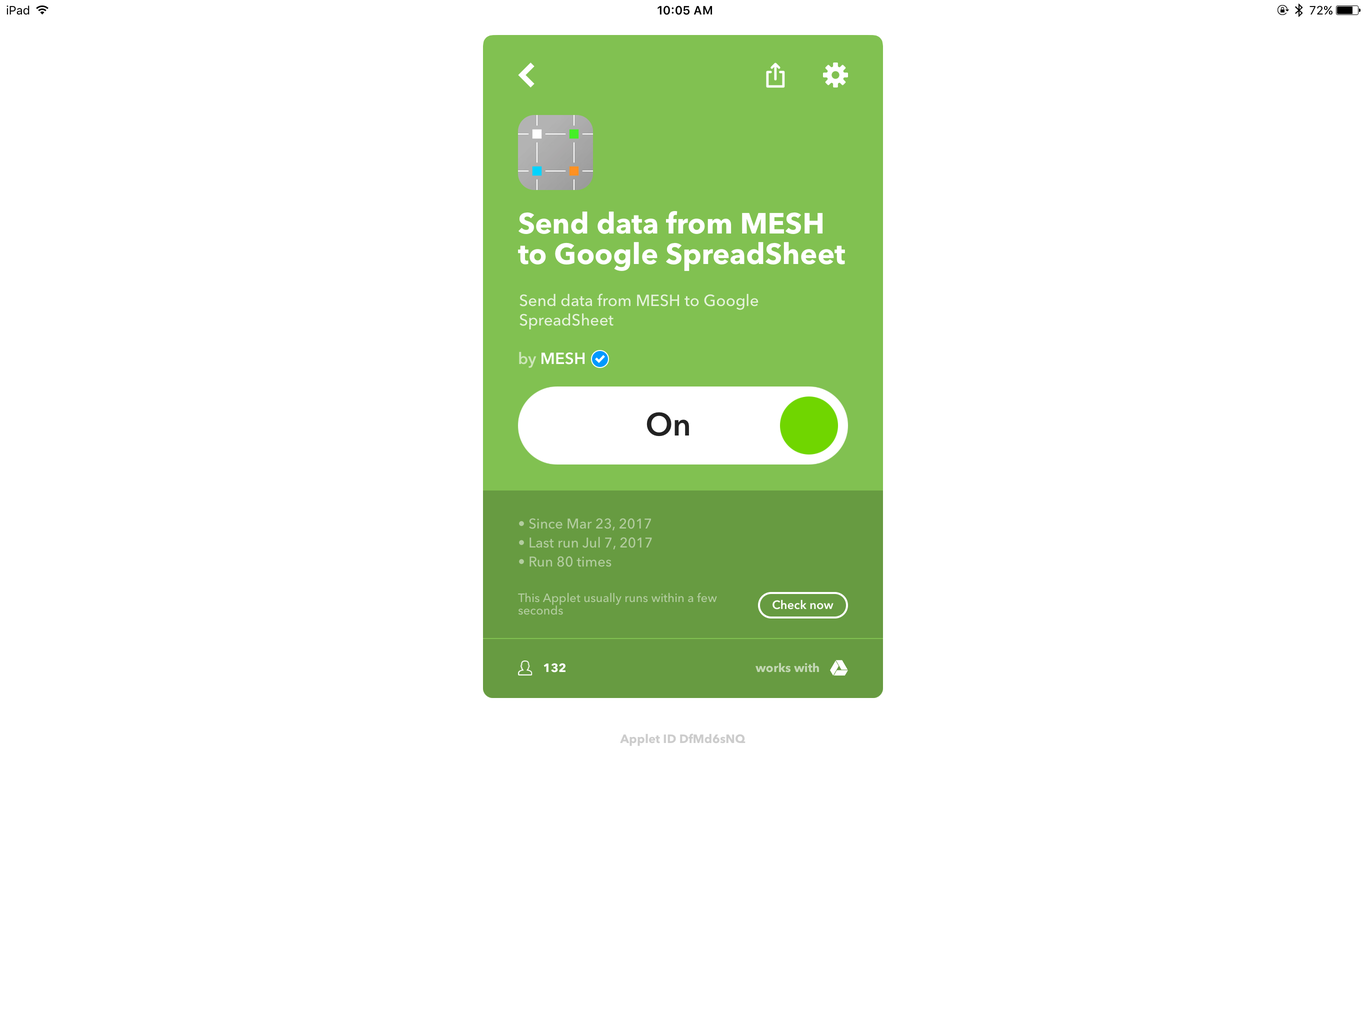 Program IFTTT App Block in the MESH App